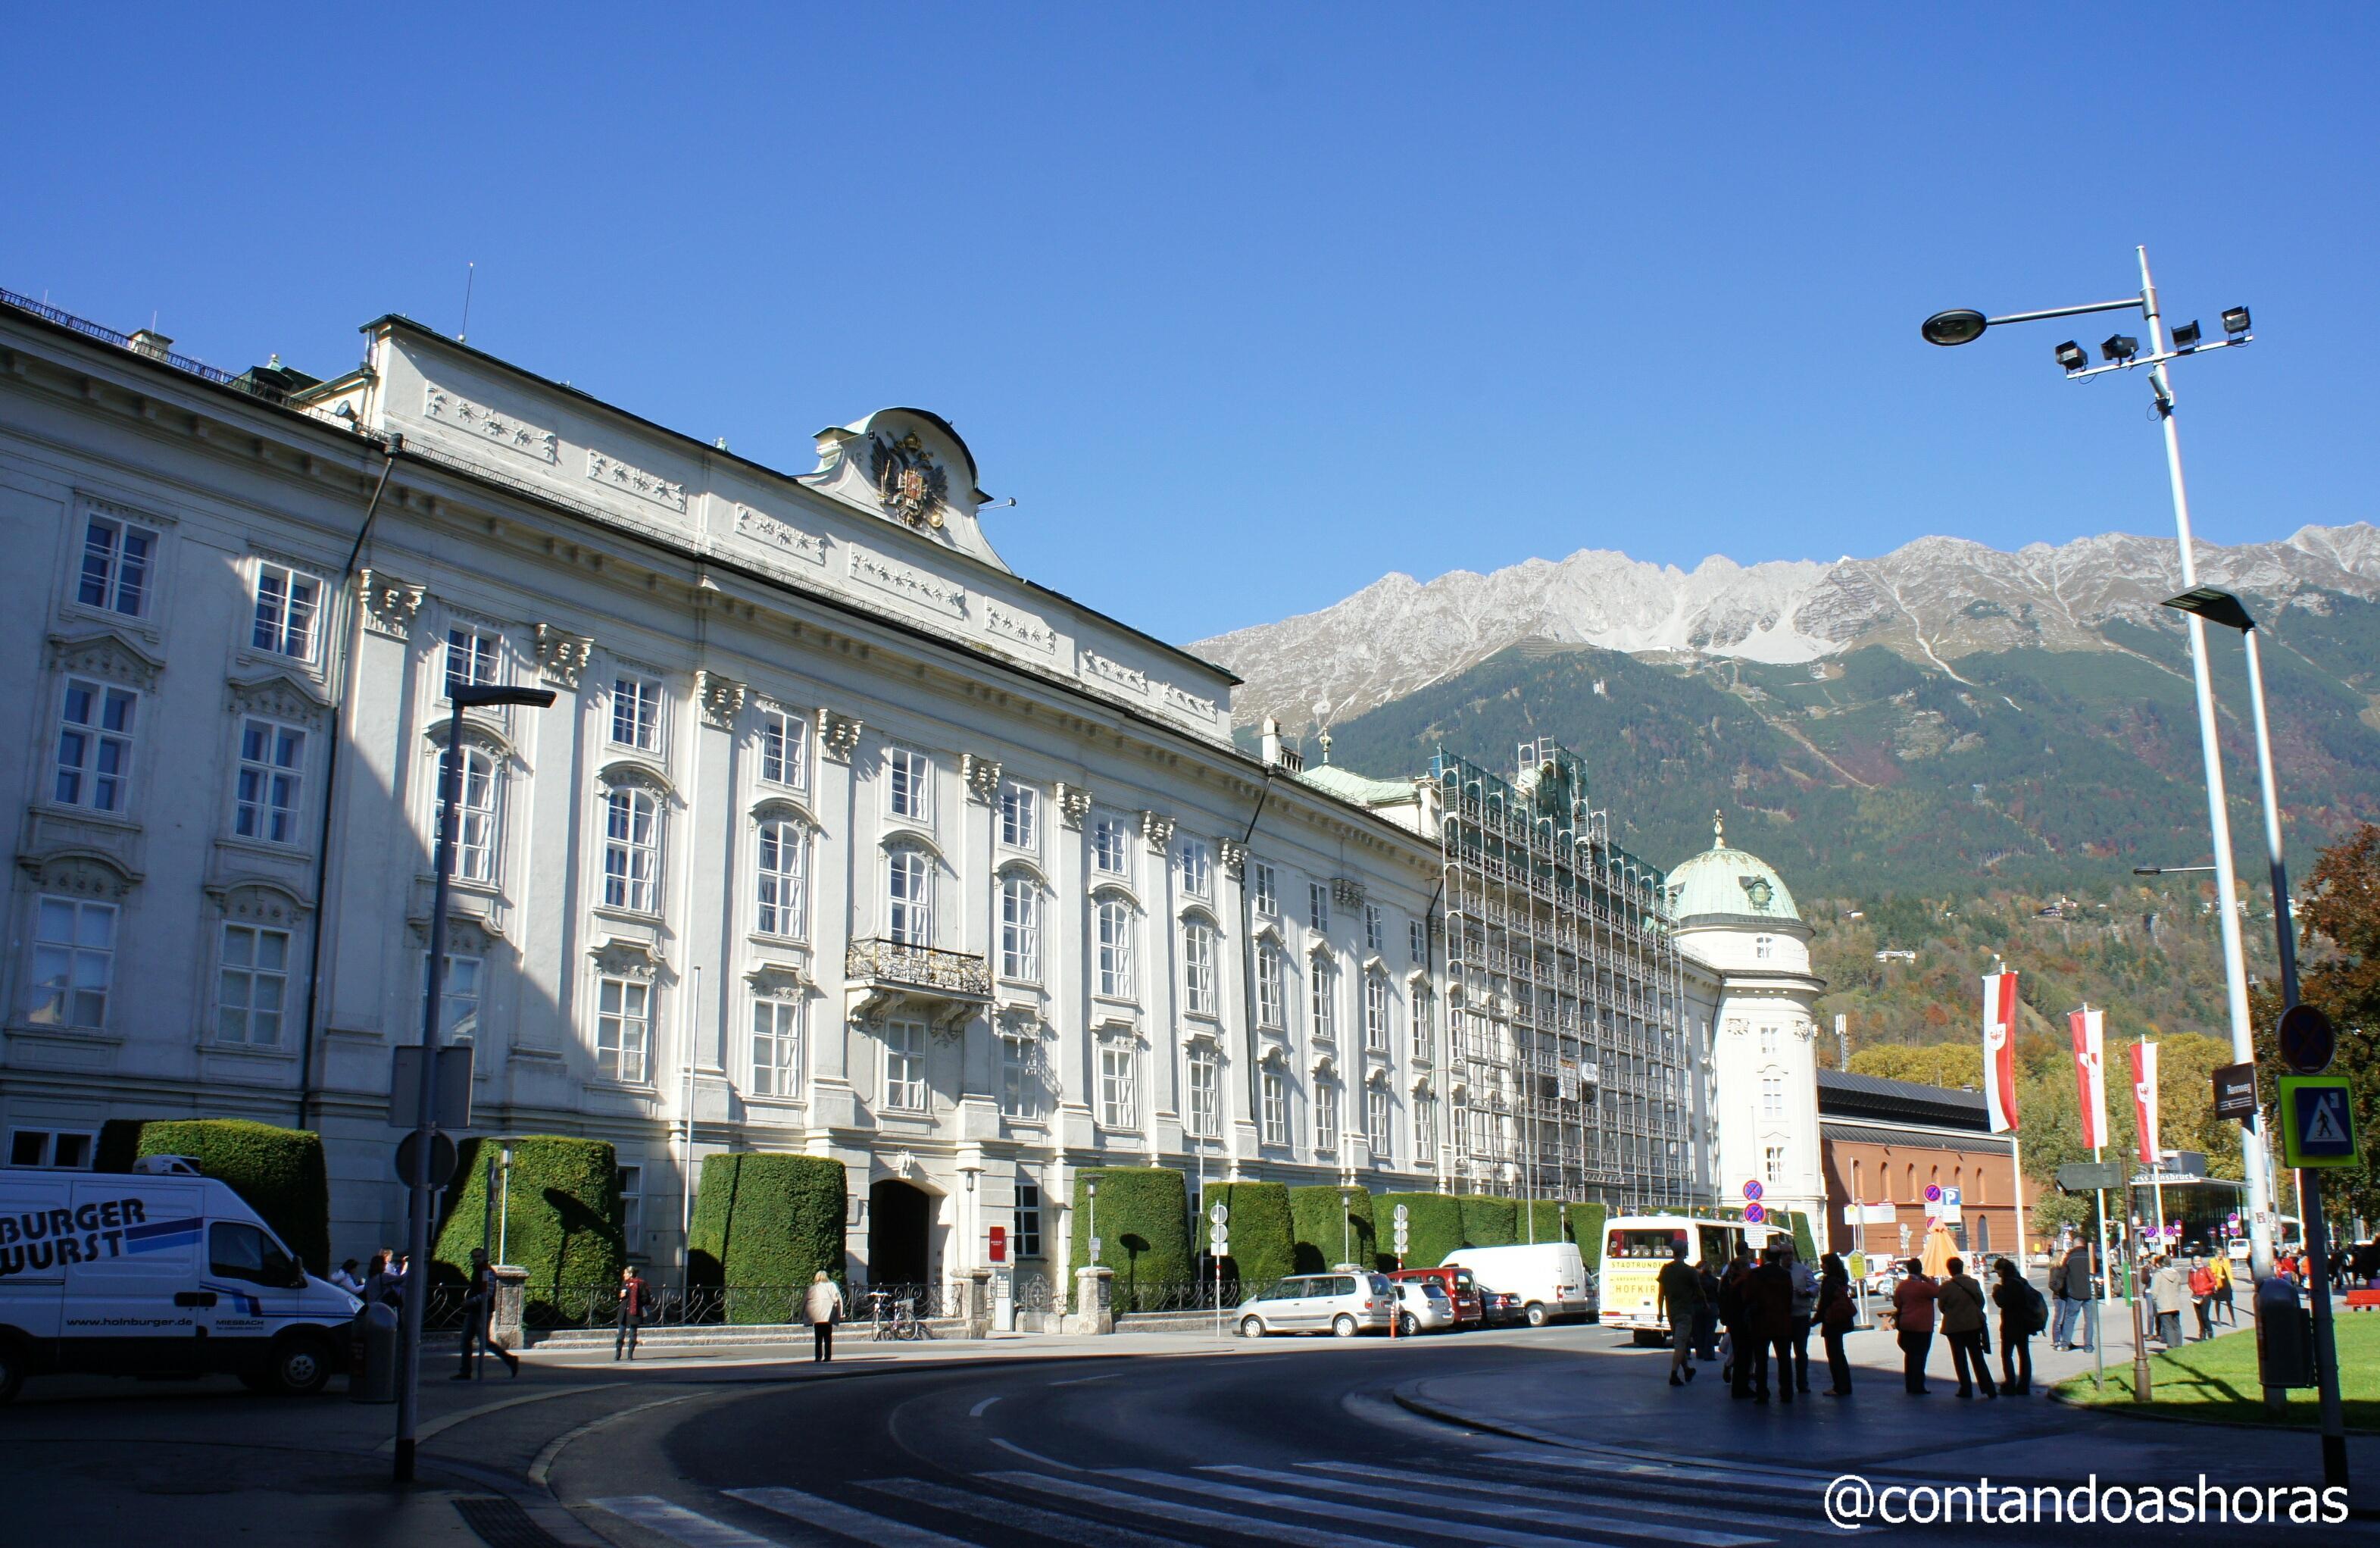 Hofburgo de Innsbruck